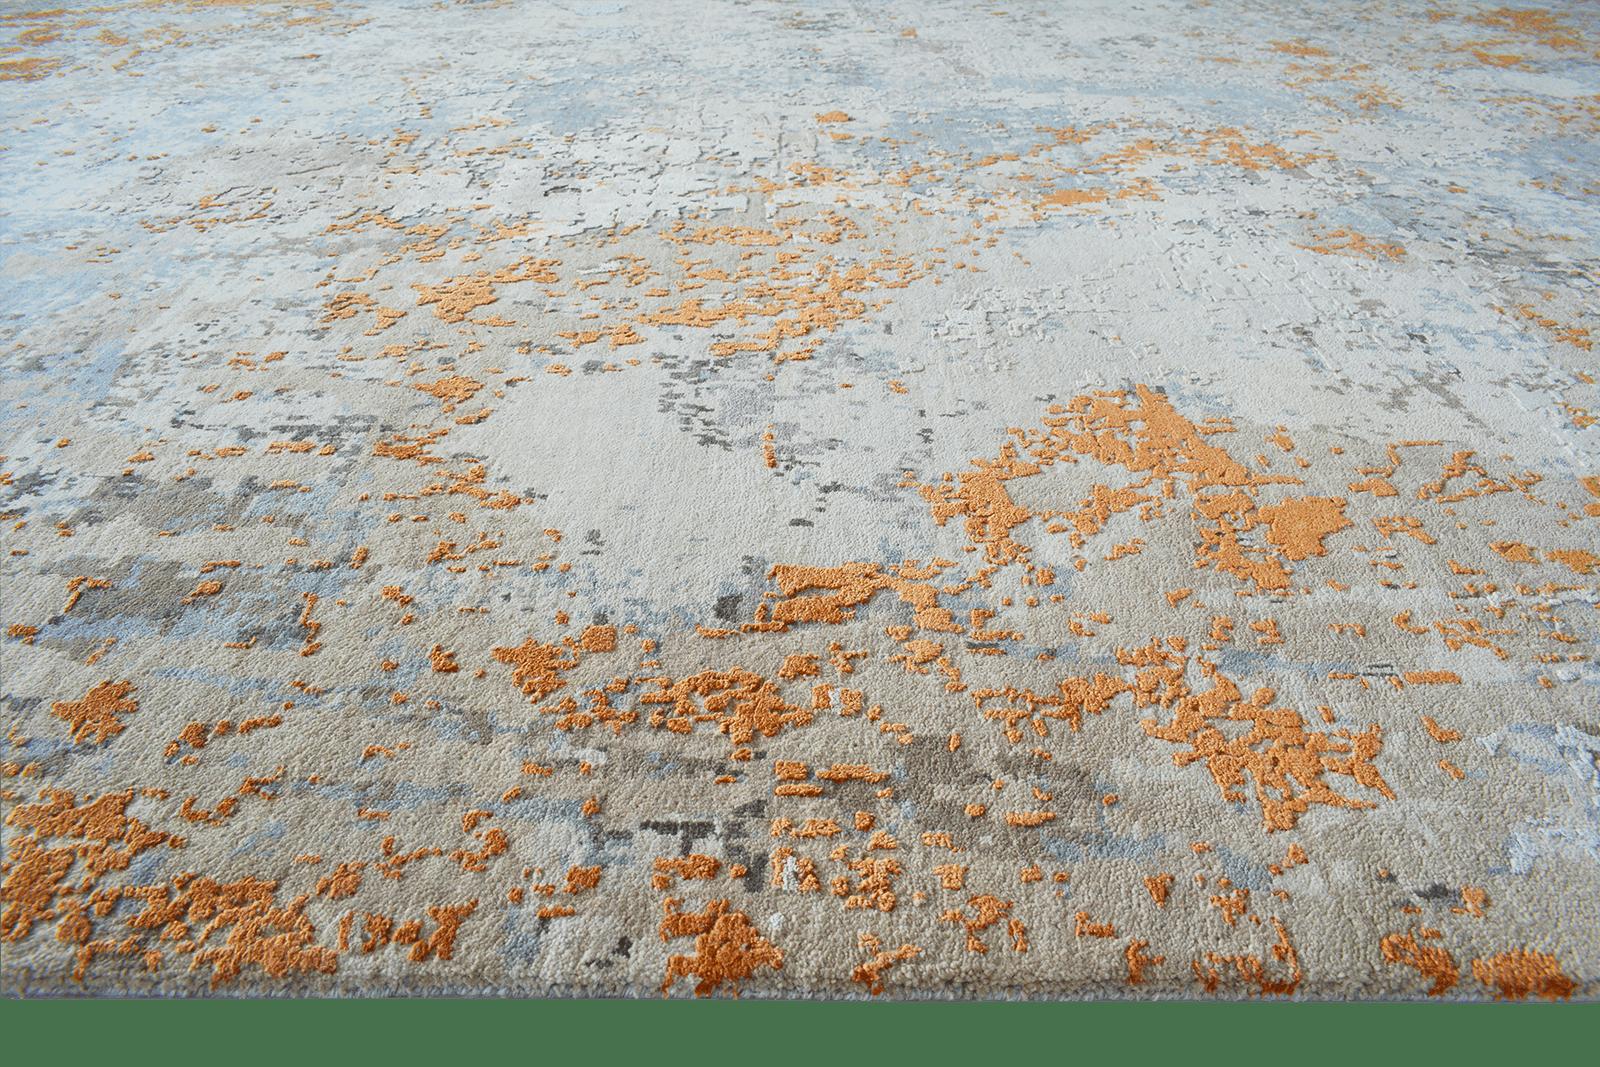 avant-garde-huricane-design-tapijt-luxe-moderne-exclusieve-design-tapijten-luxe-vloerkleden-zijde-koreman-maastricht